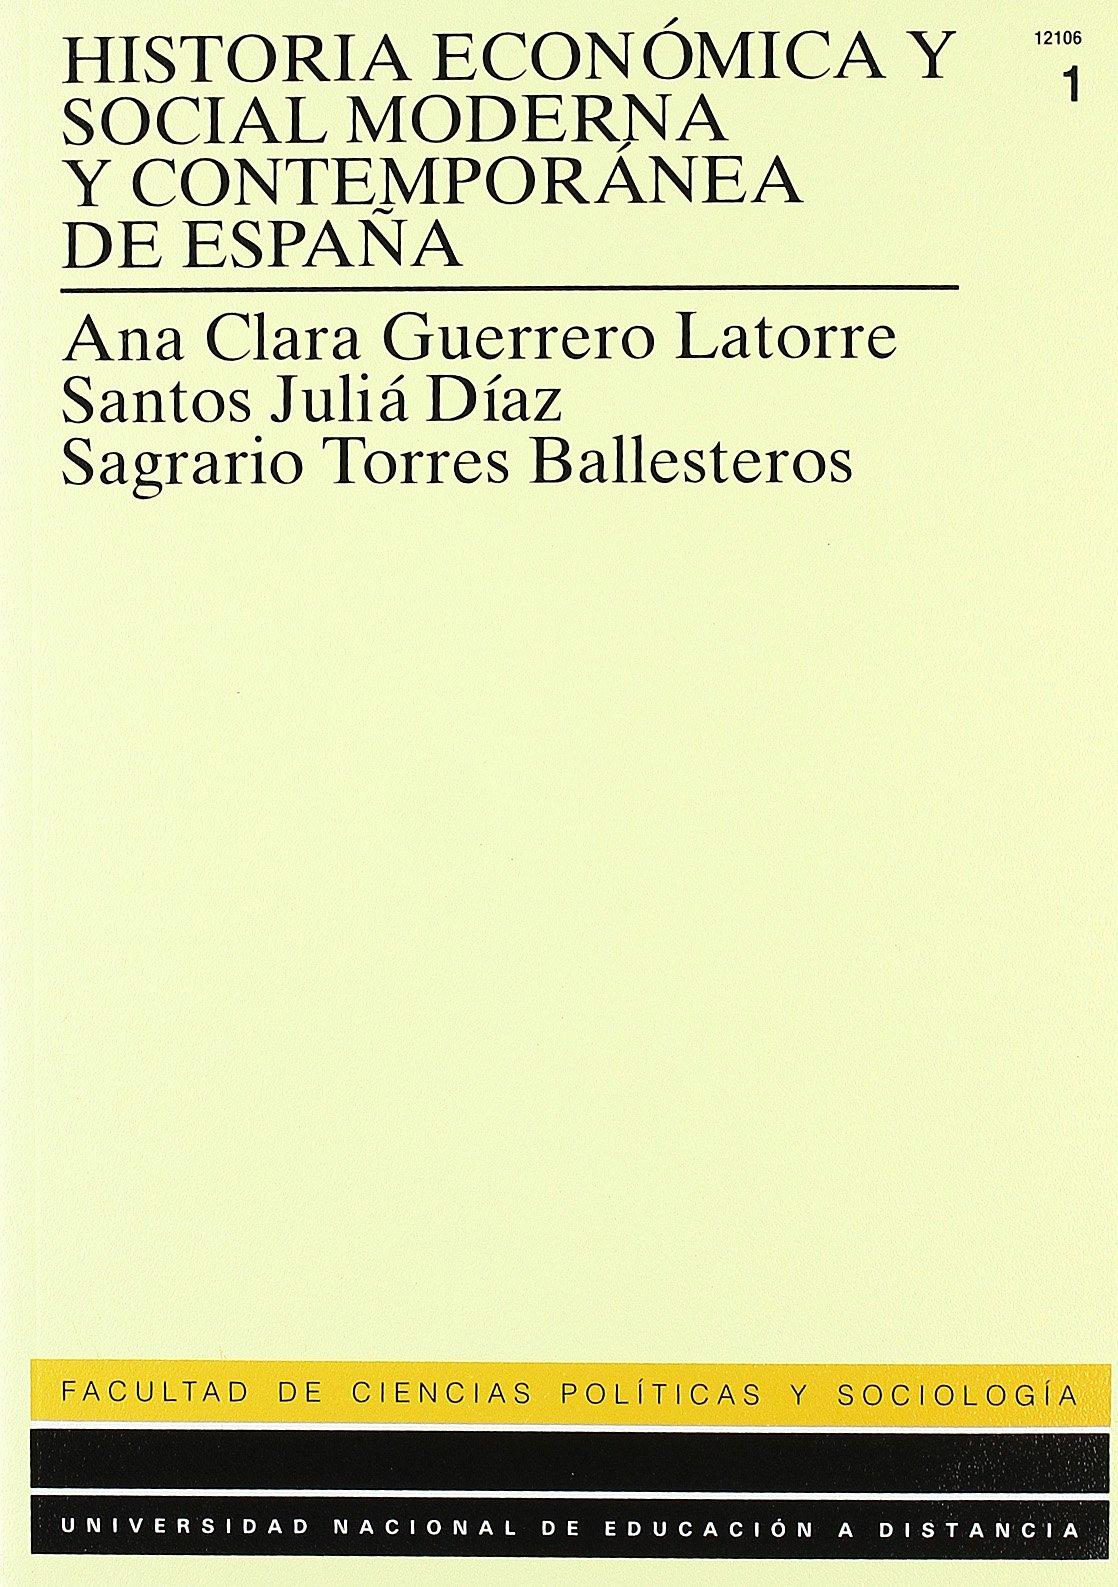 Historia económica y social moderna y contemporánea de España: 2 UNIDAD DIDÁCTICA: Amazon.es: Juliá Díaz, Santos: Libros